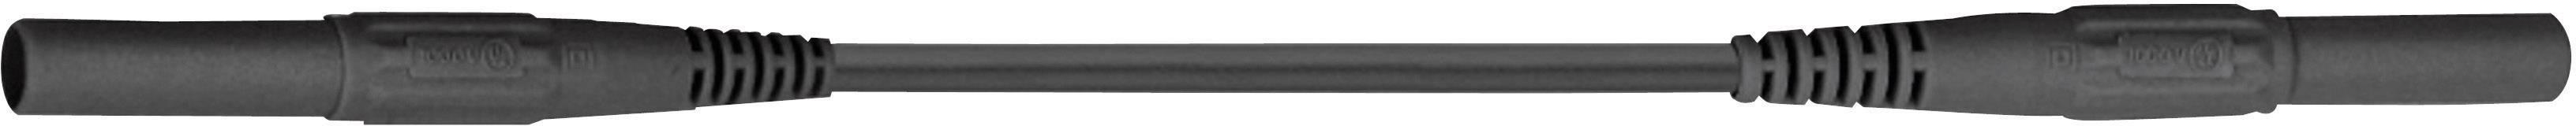 Merací silikónový kábel Multicontact XMS-419, 2,5 mm², čierny, 2m